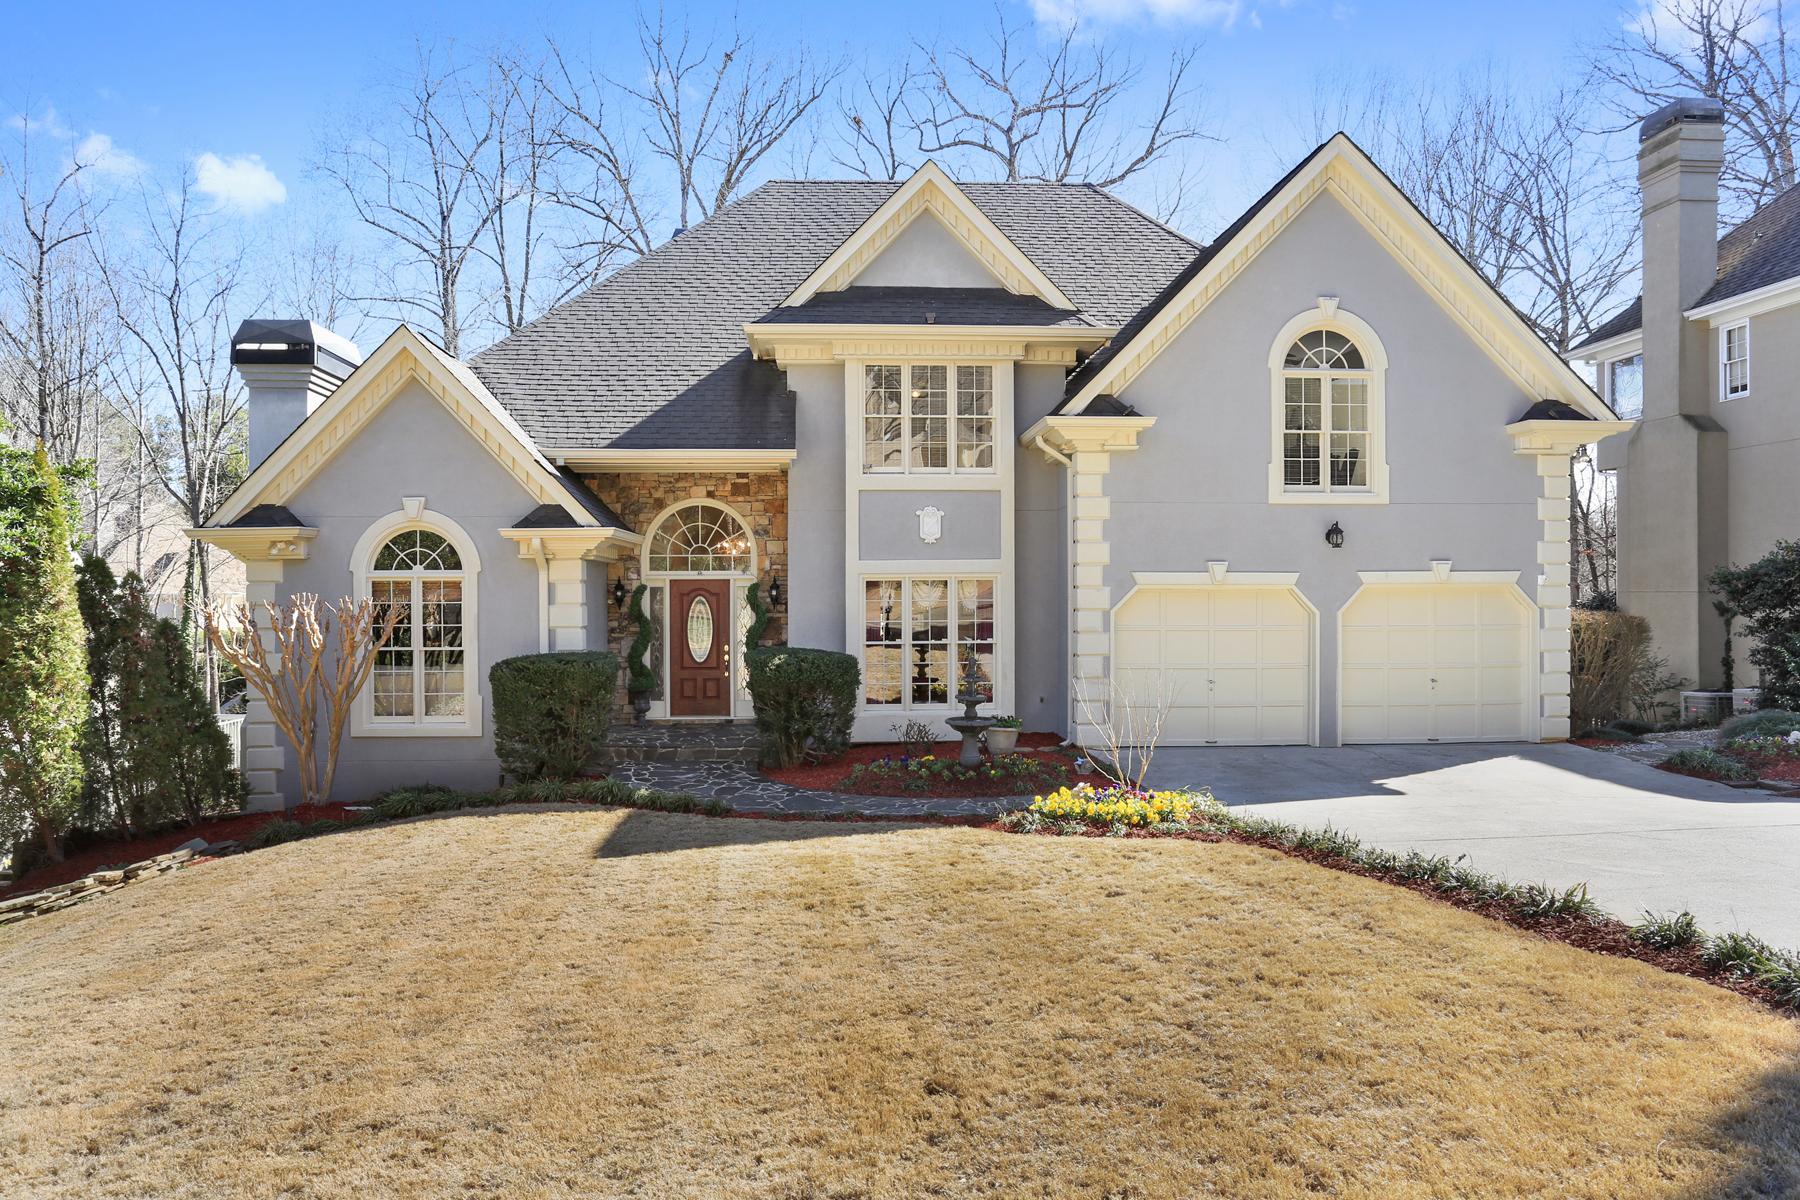 Tek Ailelik Ev için Satış at Picture Perfect In Vinings Glen 4271 Ridgehurst Drive SE Smyrna, Georgia, 30080 Amerika Birleşik Devletleri